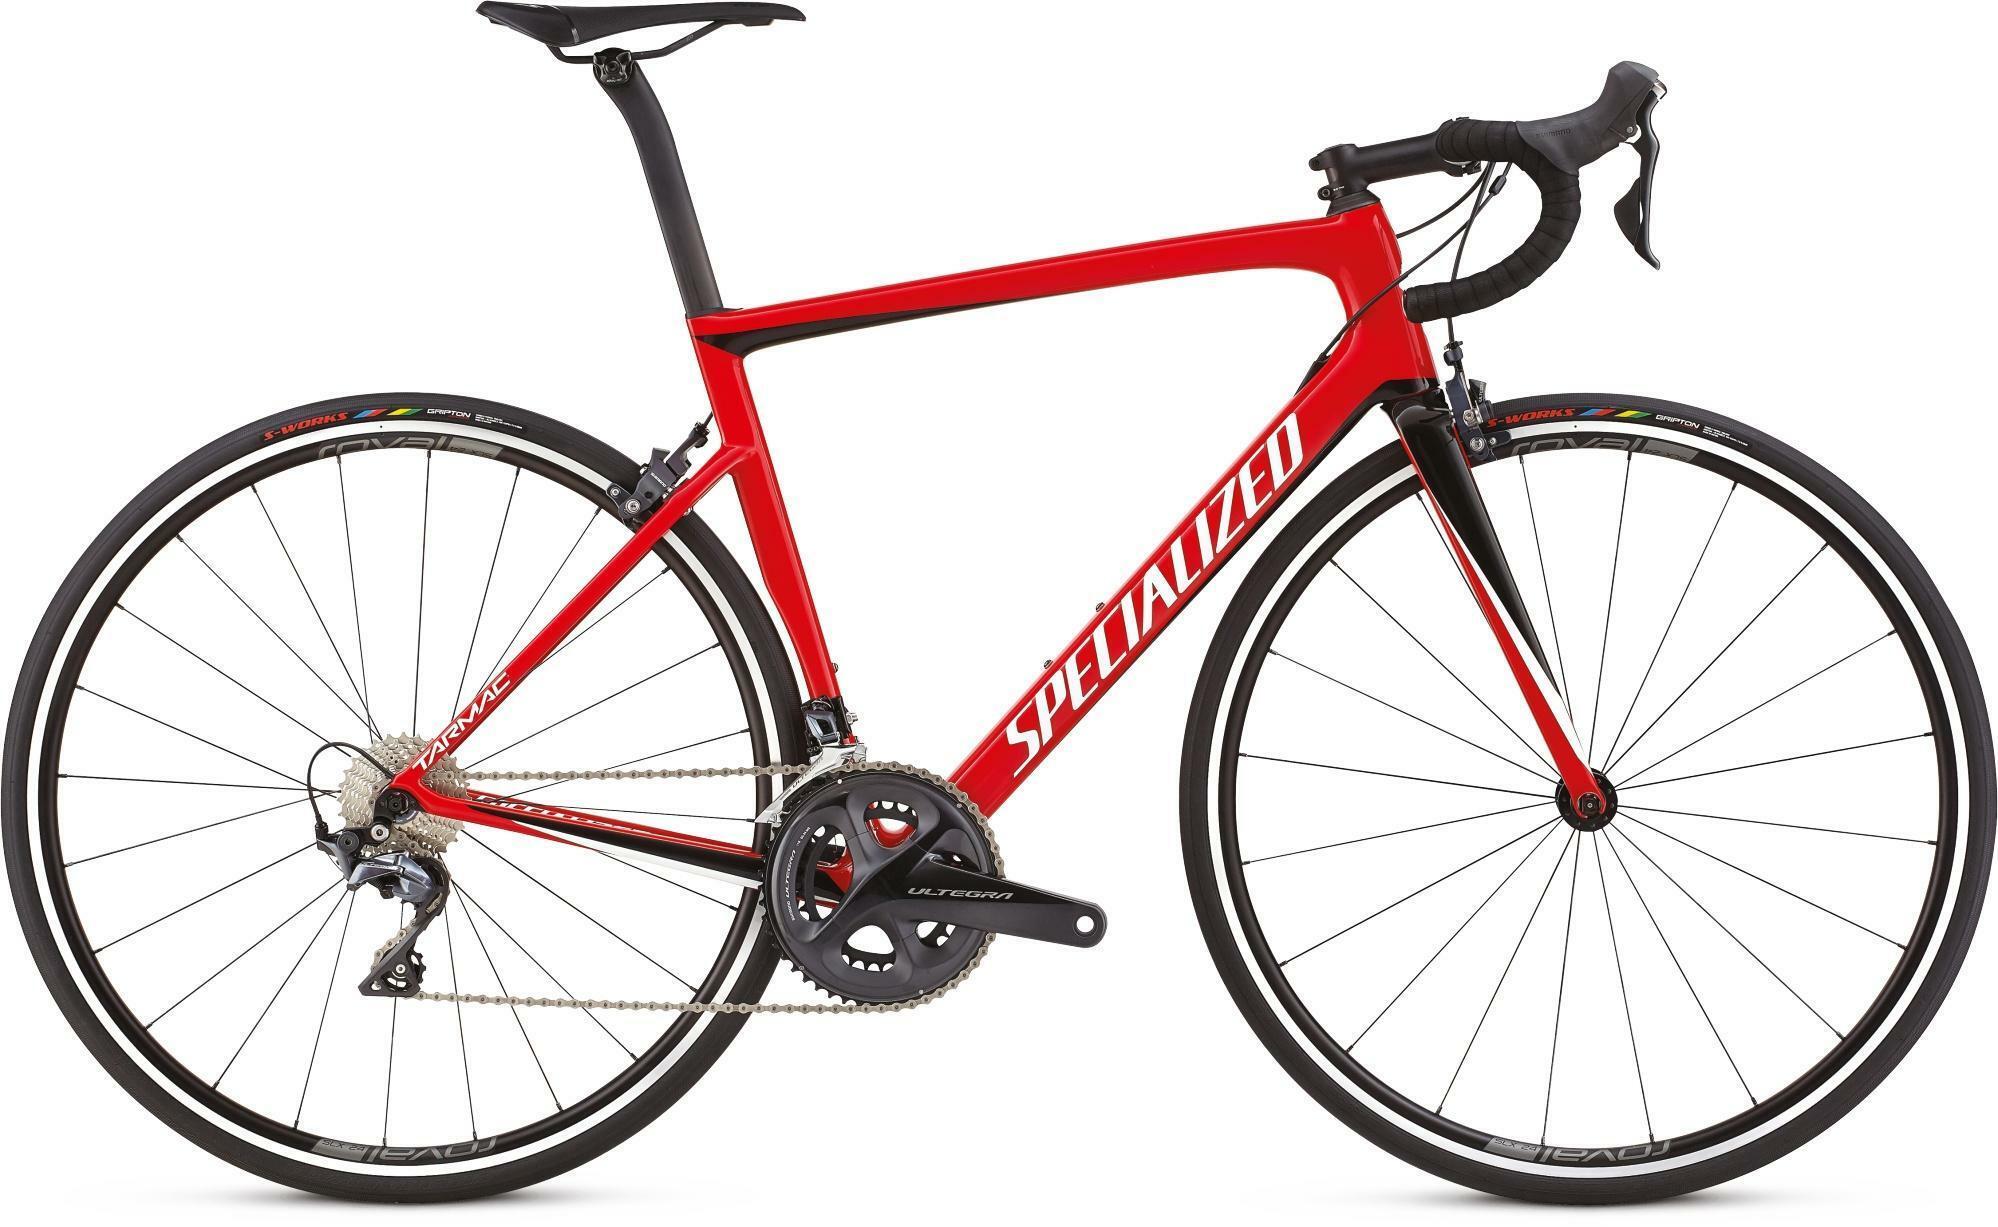 specialized specialized bici strada tarmac sl6 expert